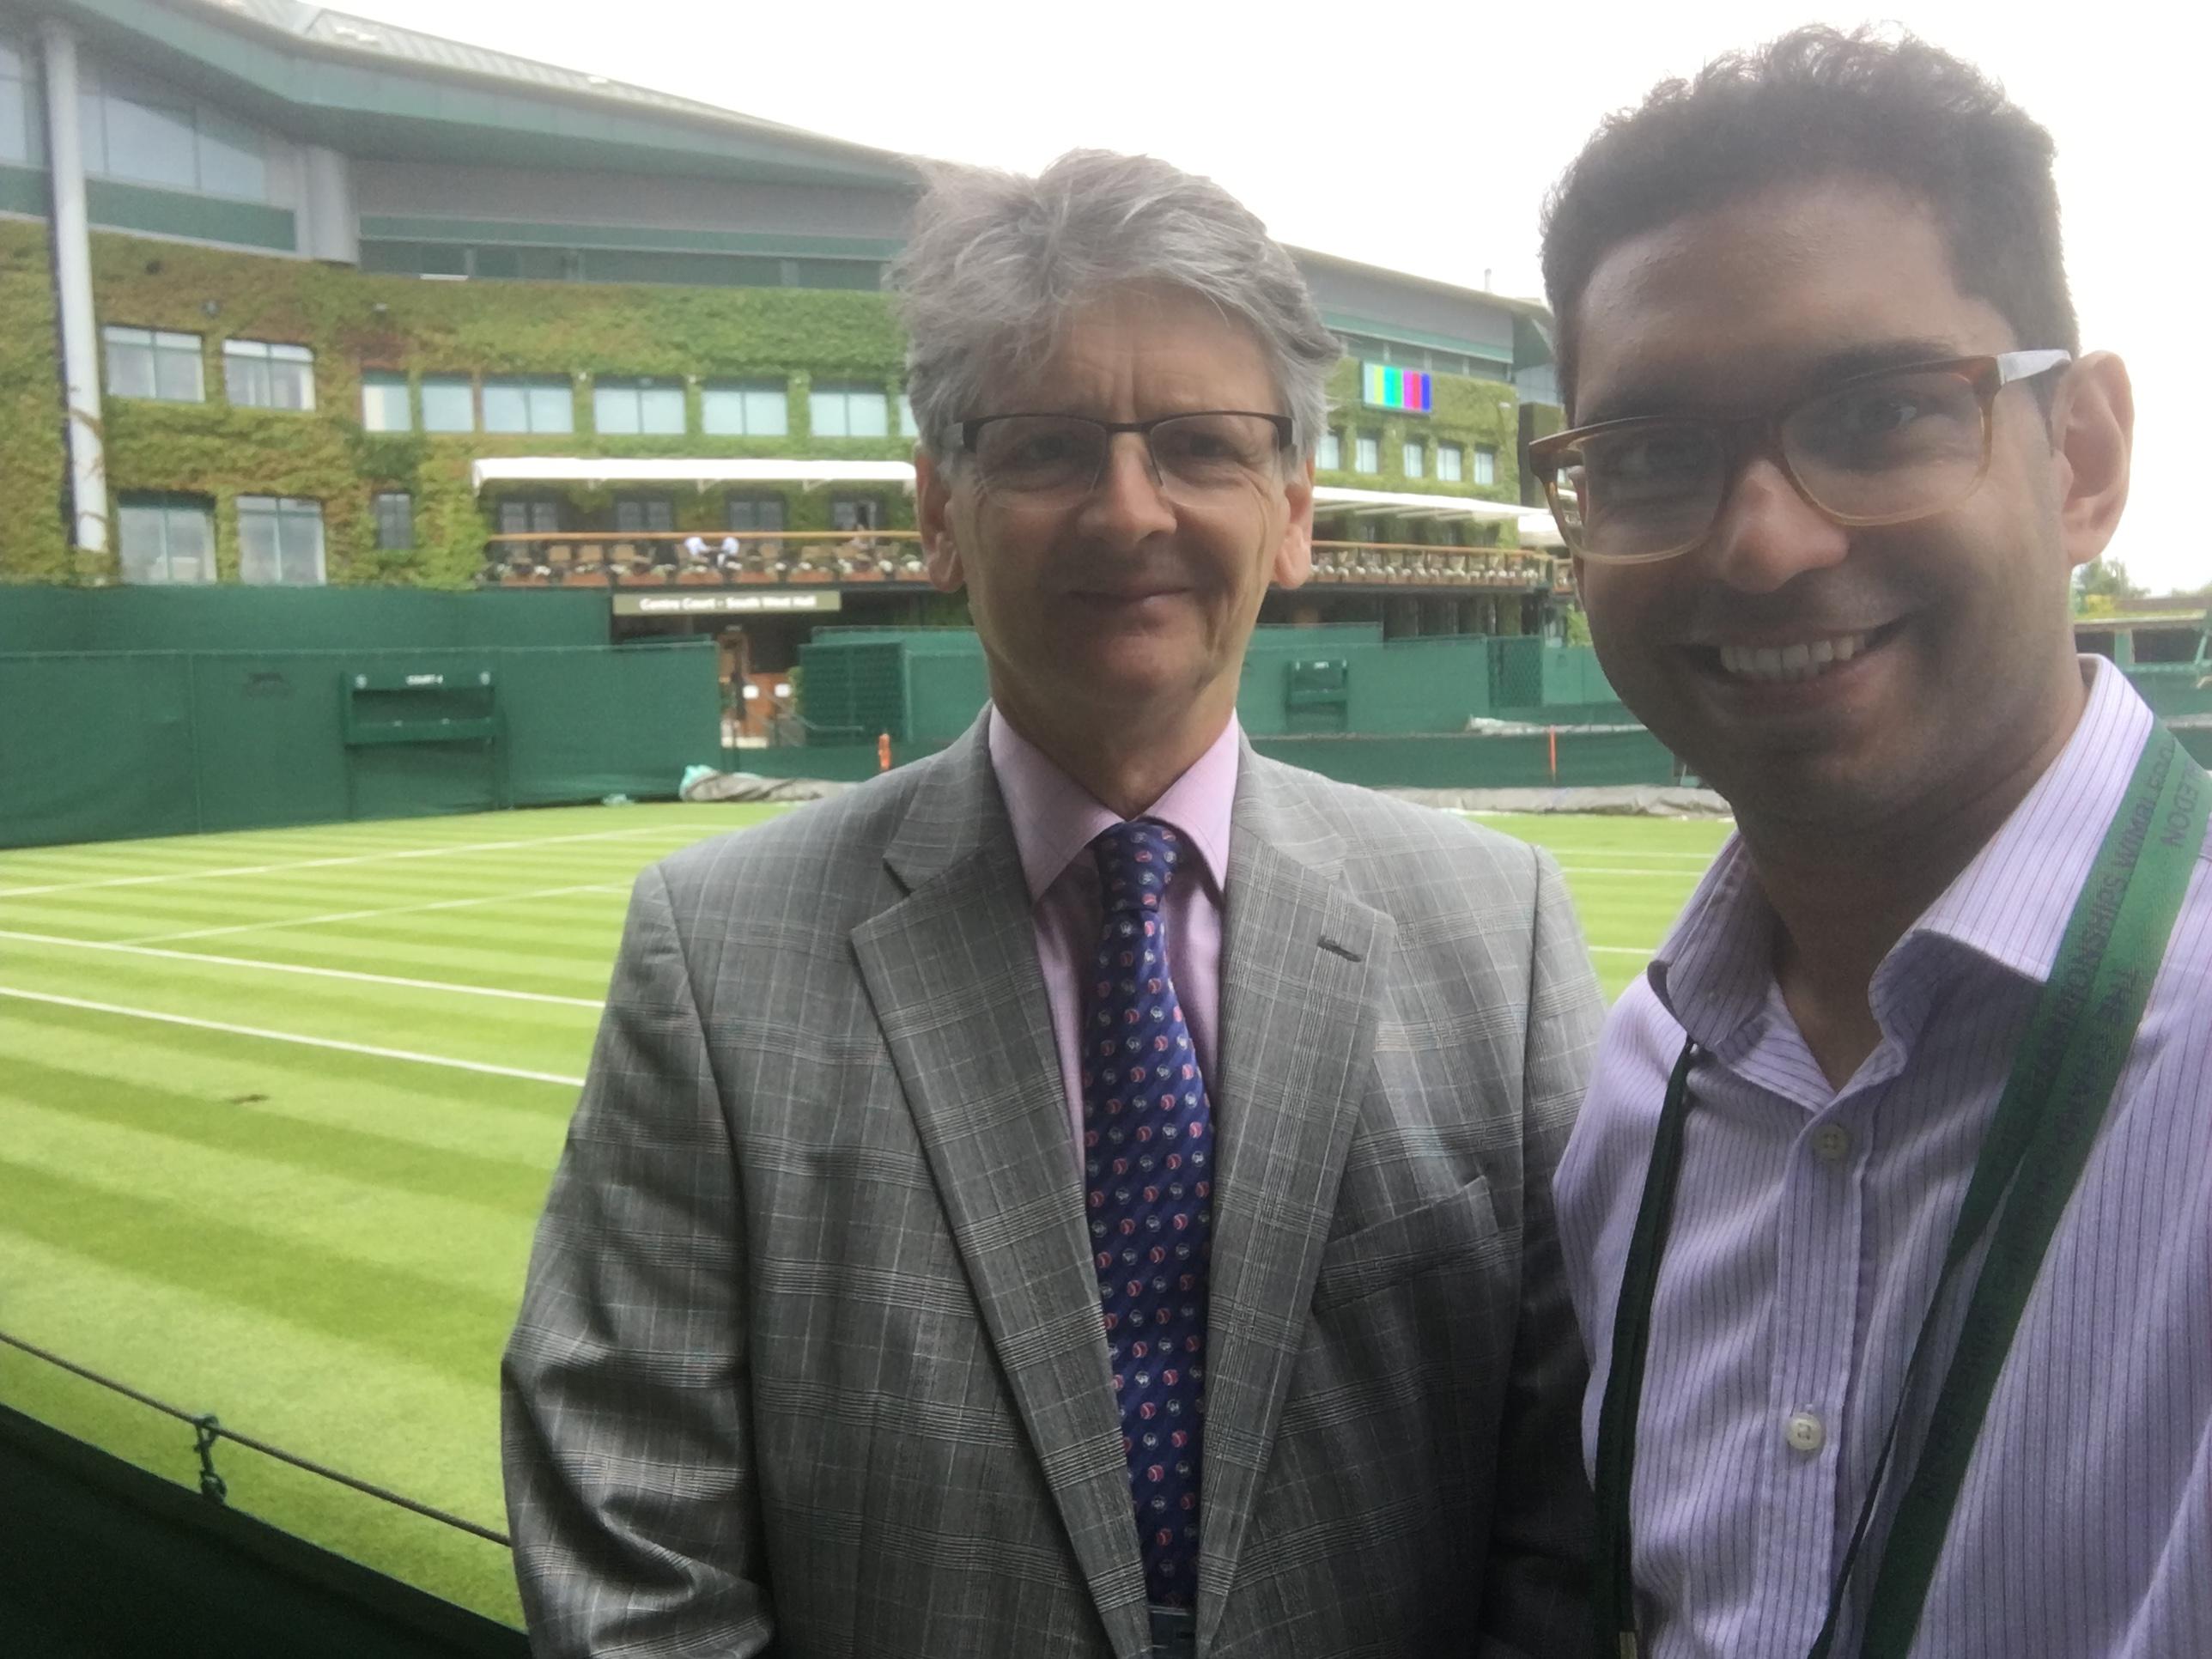 Wimbledon 2016 selfie